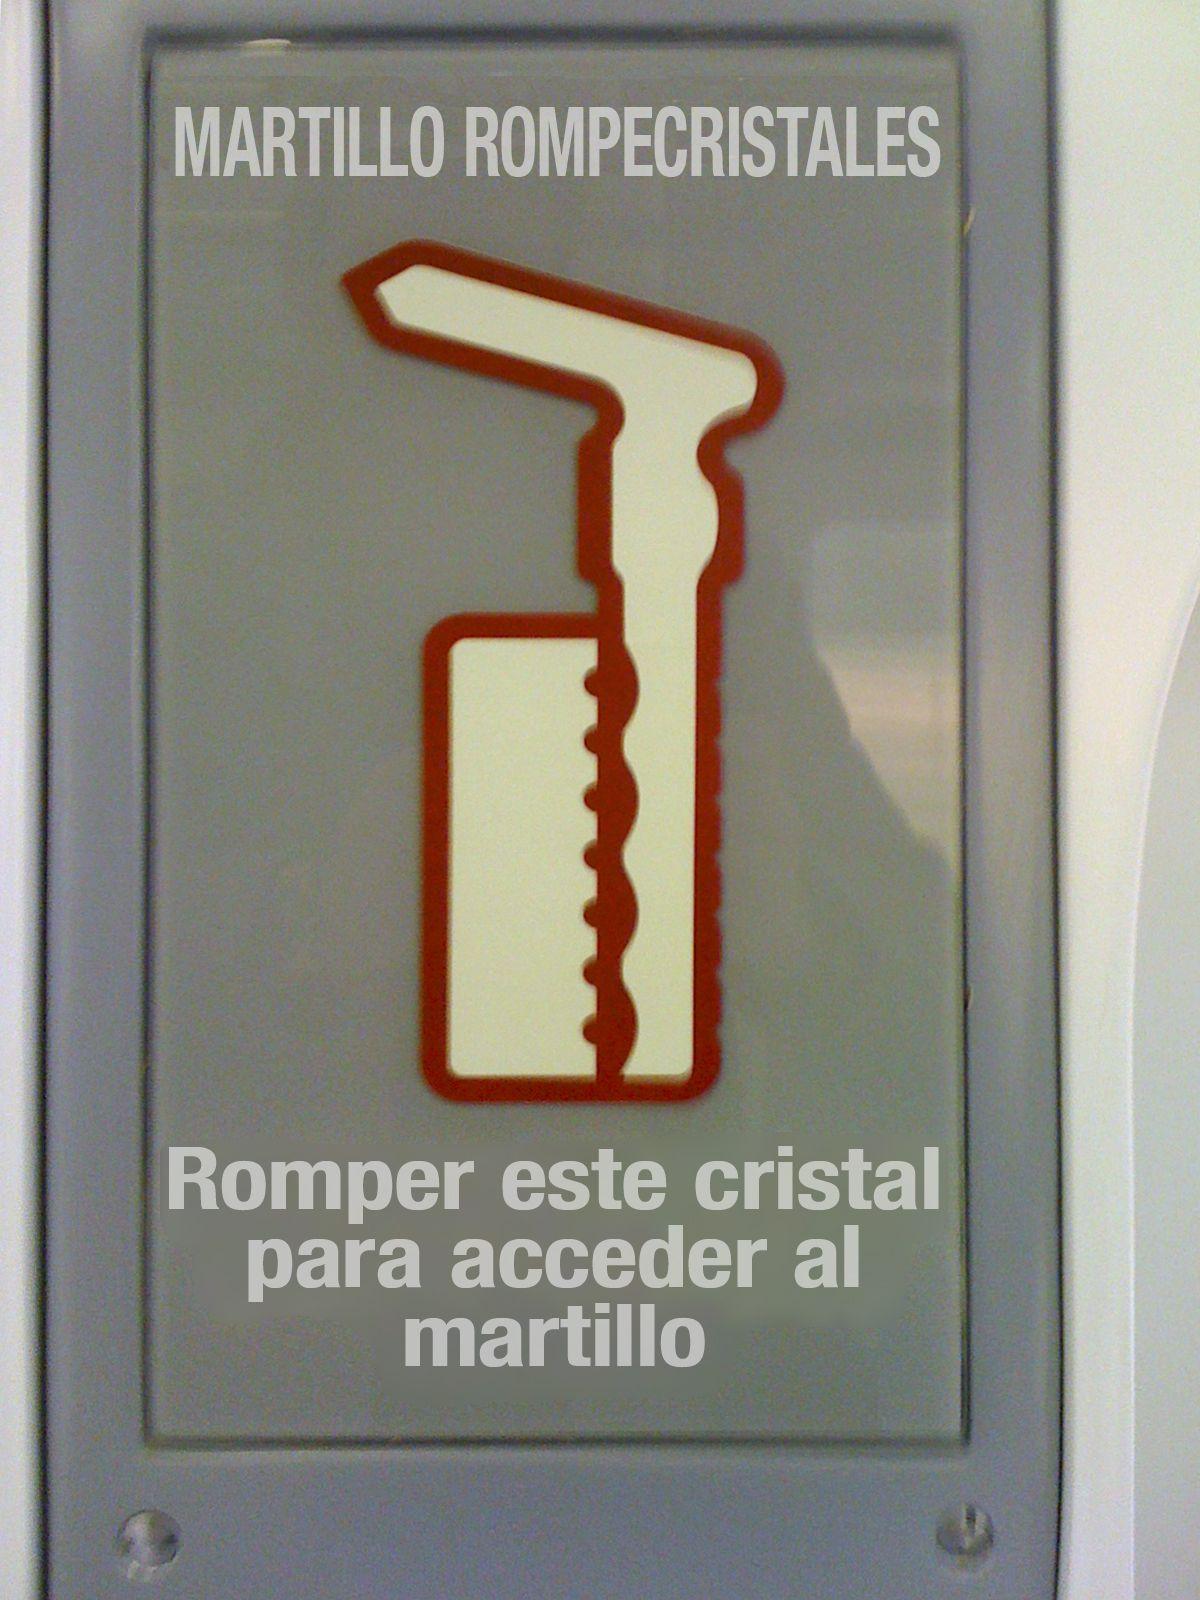 Paradoja de diseño: ¿alguien tiene un martillo para romper el cristal que cubre el martillo rompecristales?